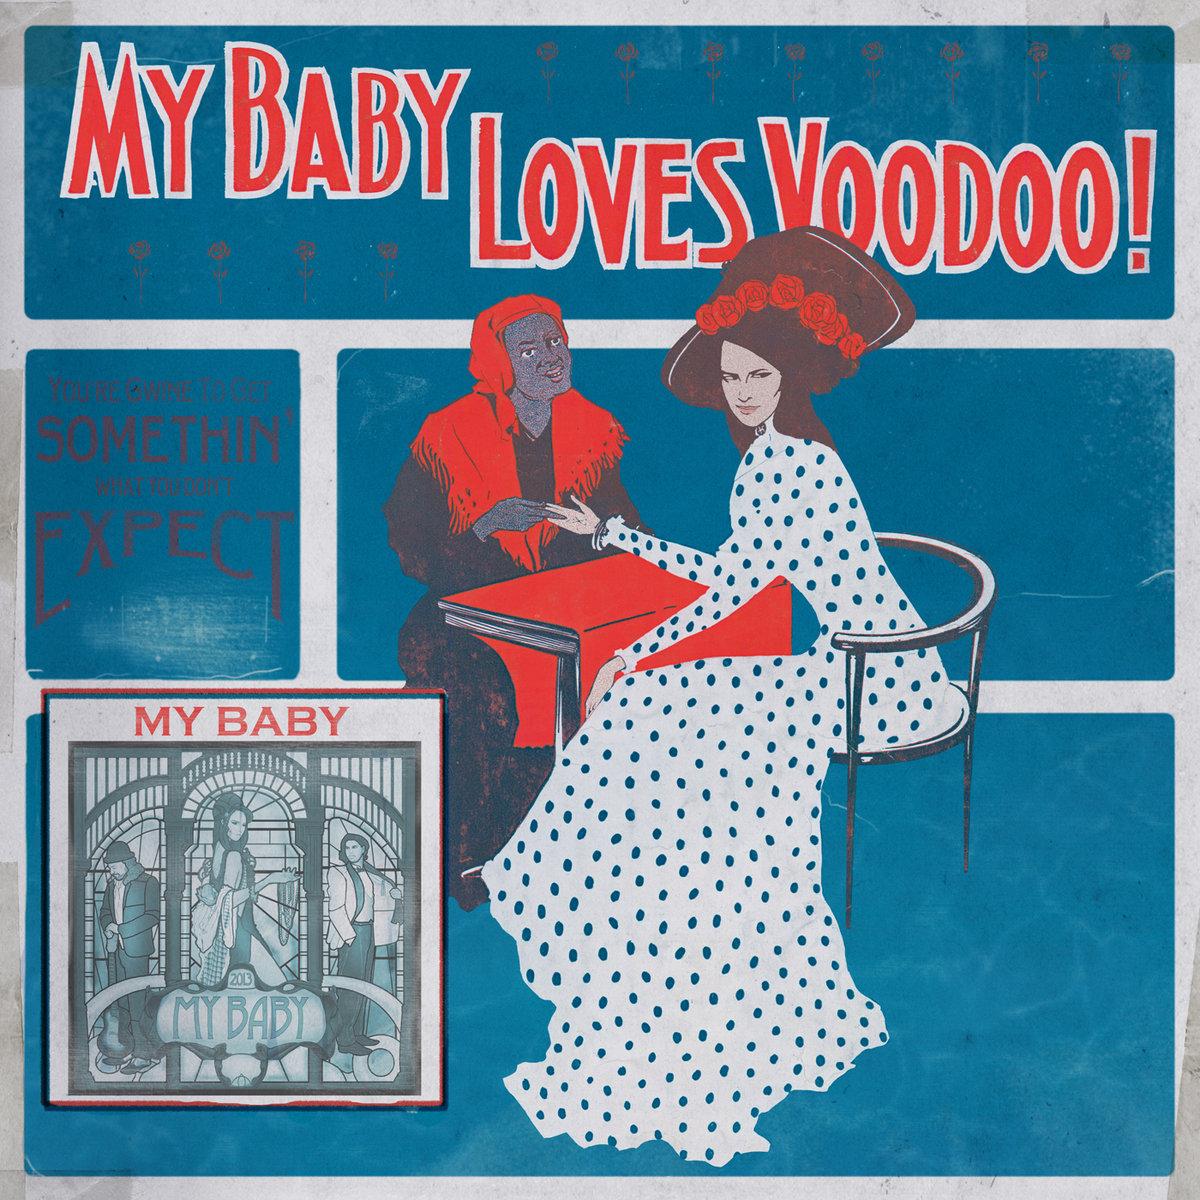 Loves Voodoo! | MY BABY